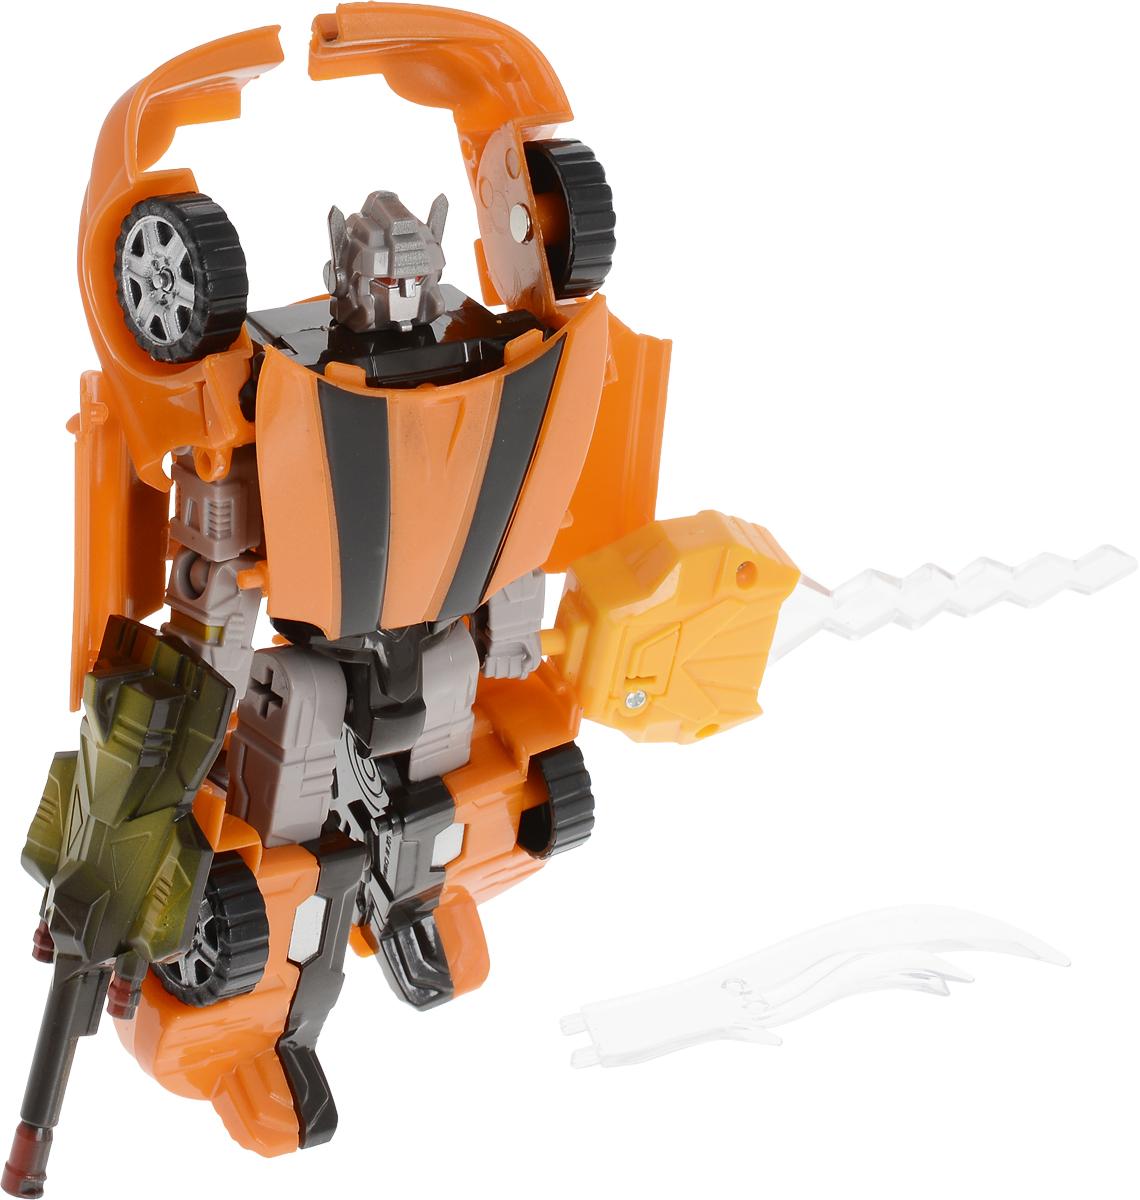 Able Star Трансформер цвет оранжевый хочу машину вторые руки